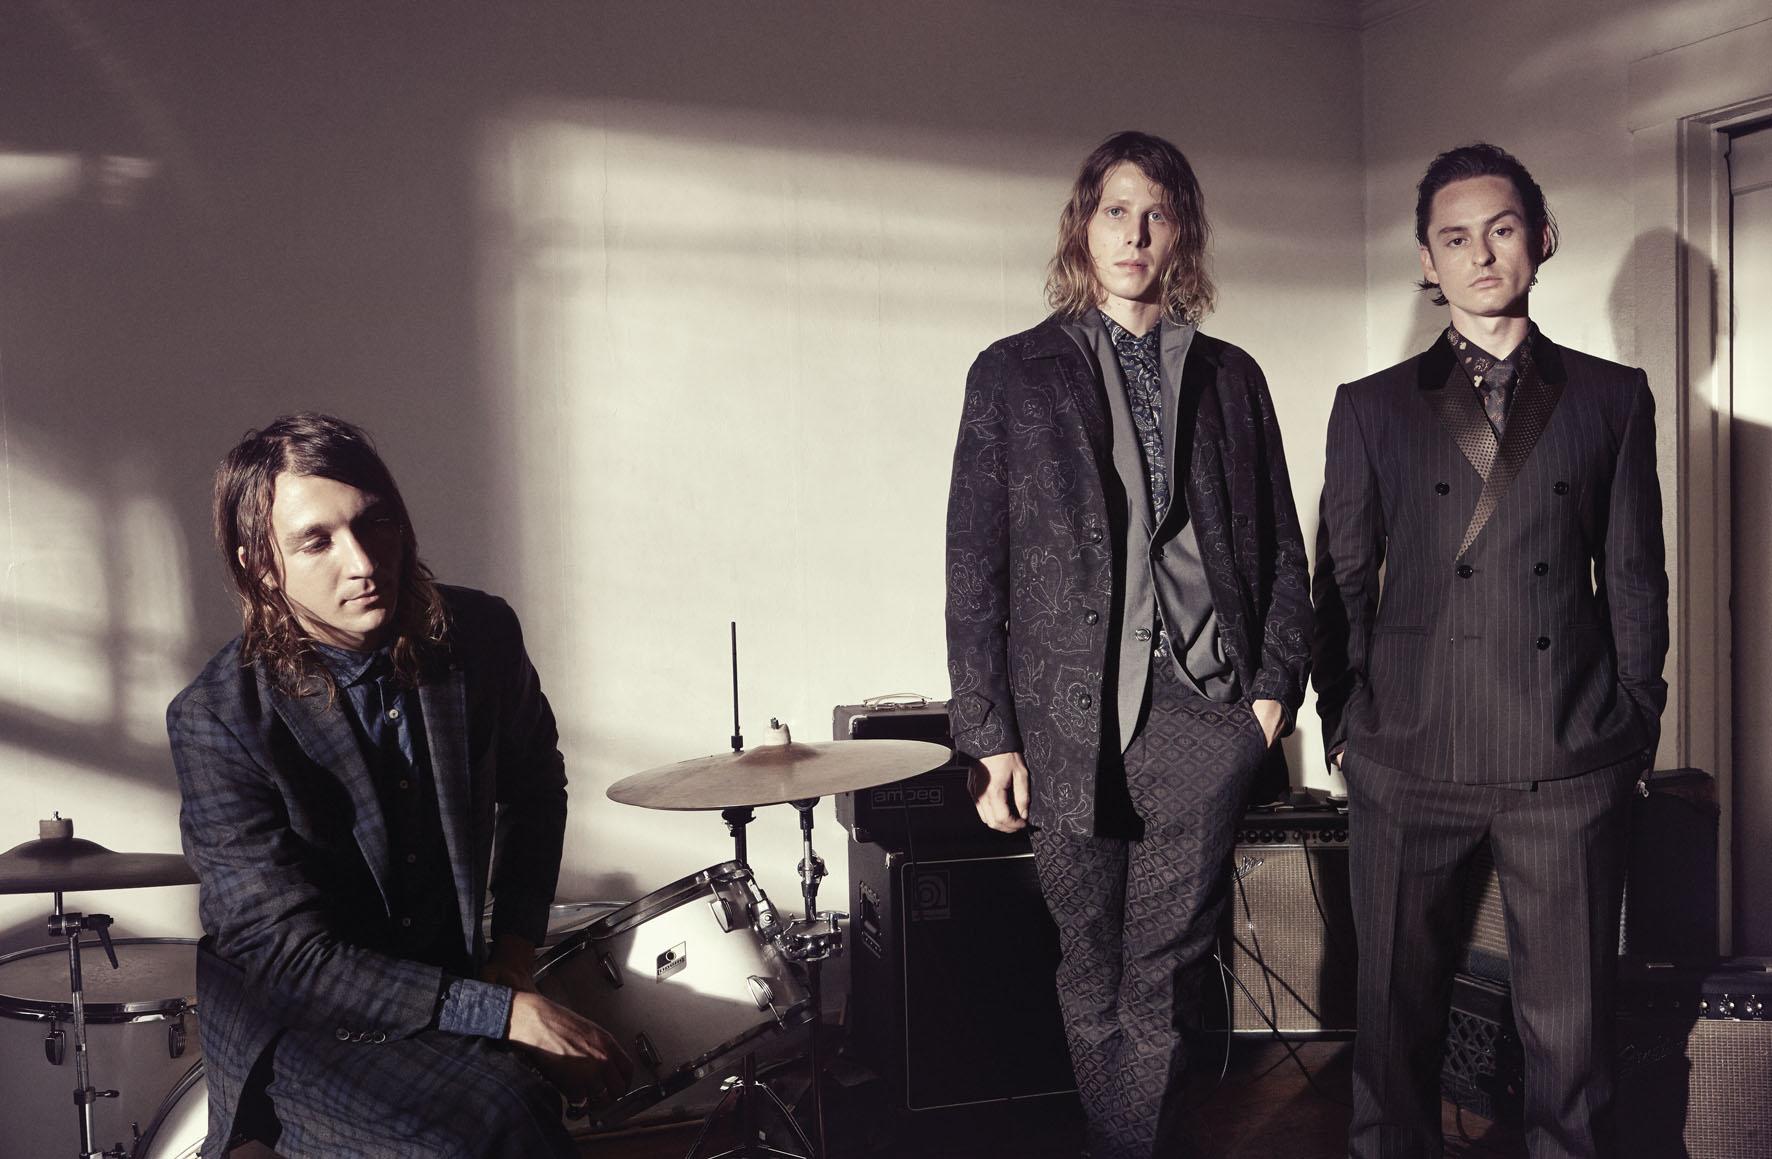 """GQ Italia October 2014 """"Rock that band""""   Tommaso Mei   GQ Italia   Andrea Porro   Numerique Retouch Photo Retouching Studio"""